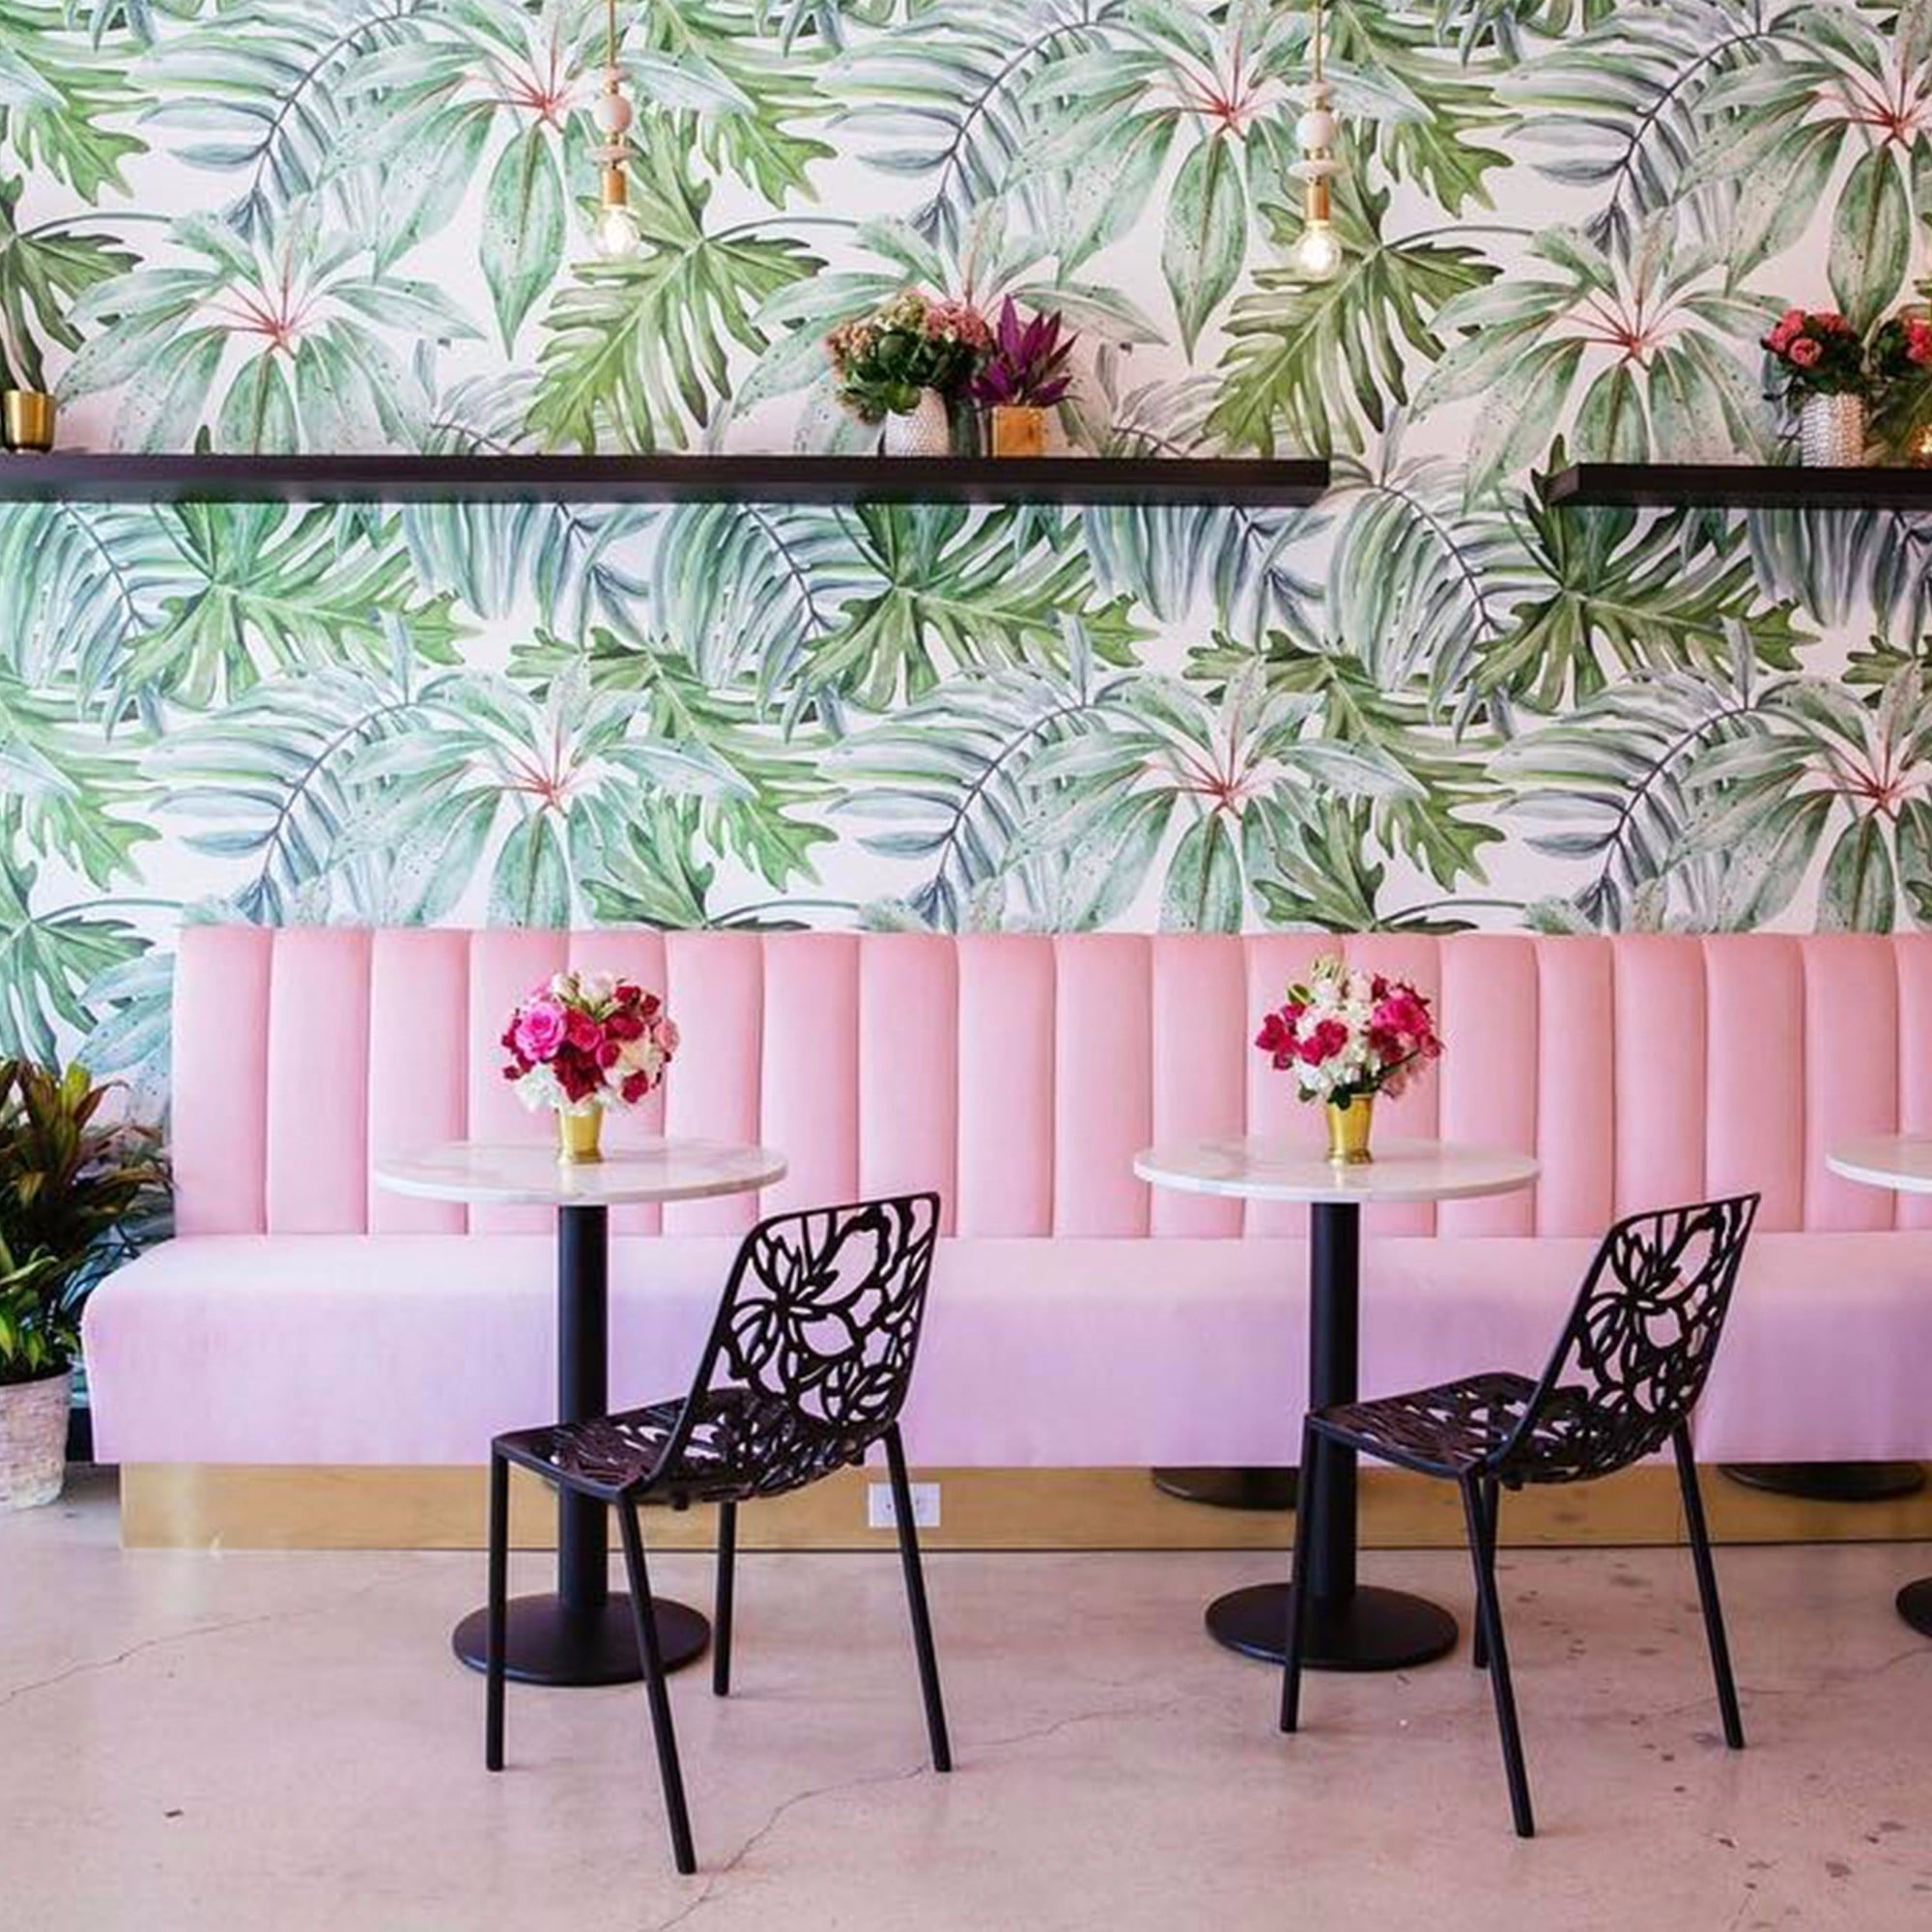 pink holy matcha cafe instagrams | popsugar fitness